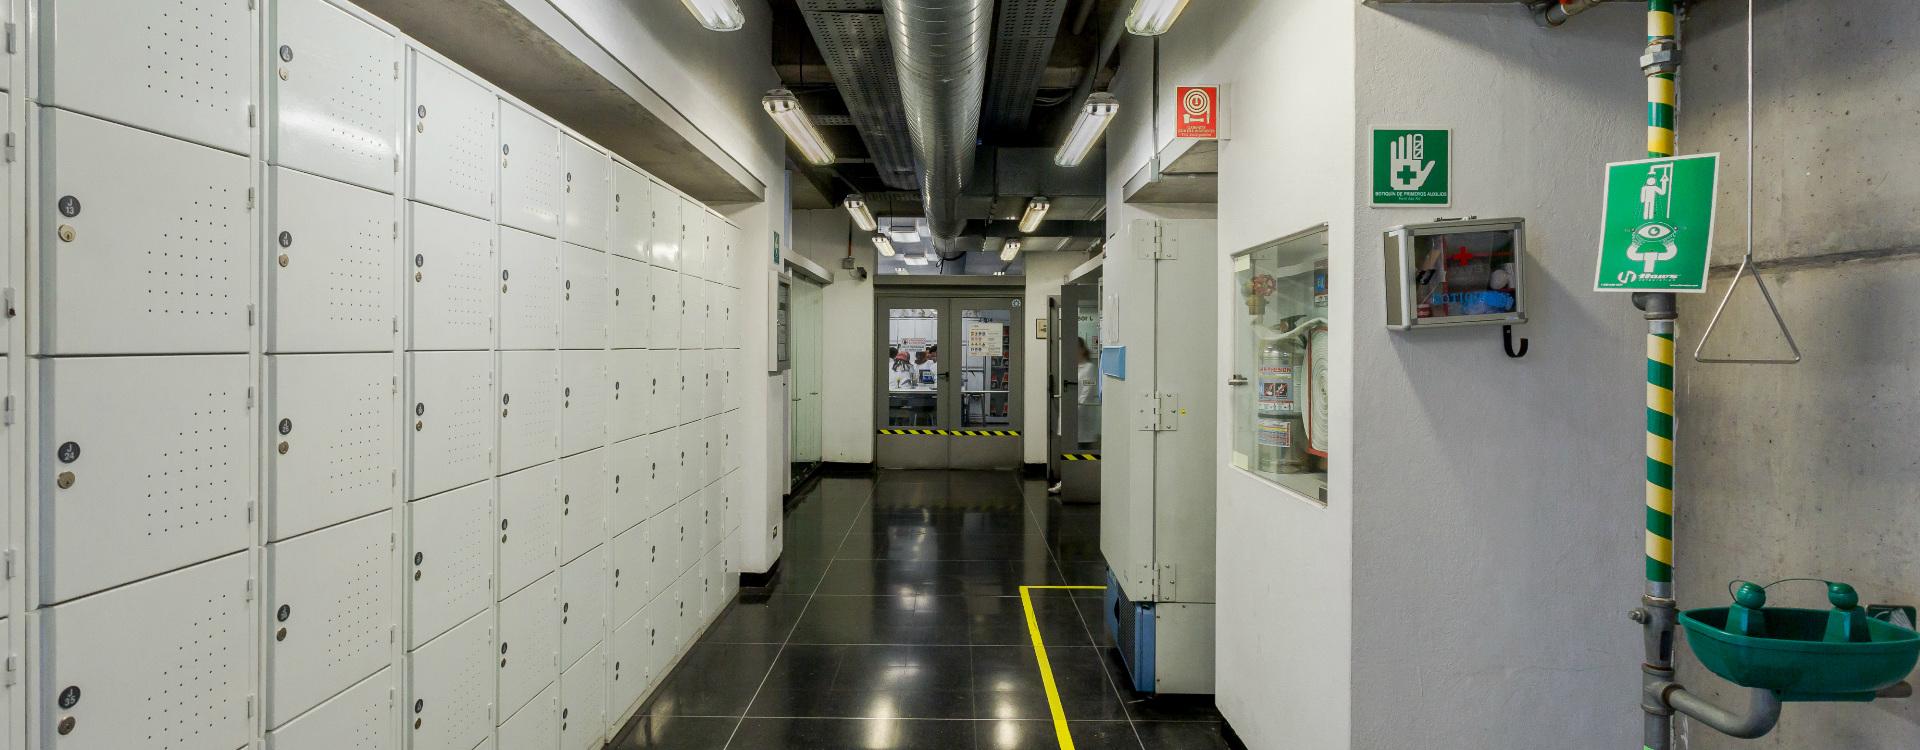 Imagen de uno de los laboratorios de la Universidad de los Andes.